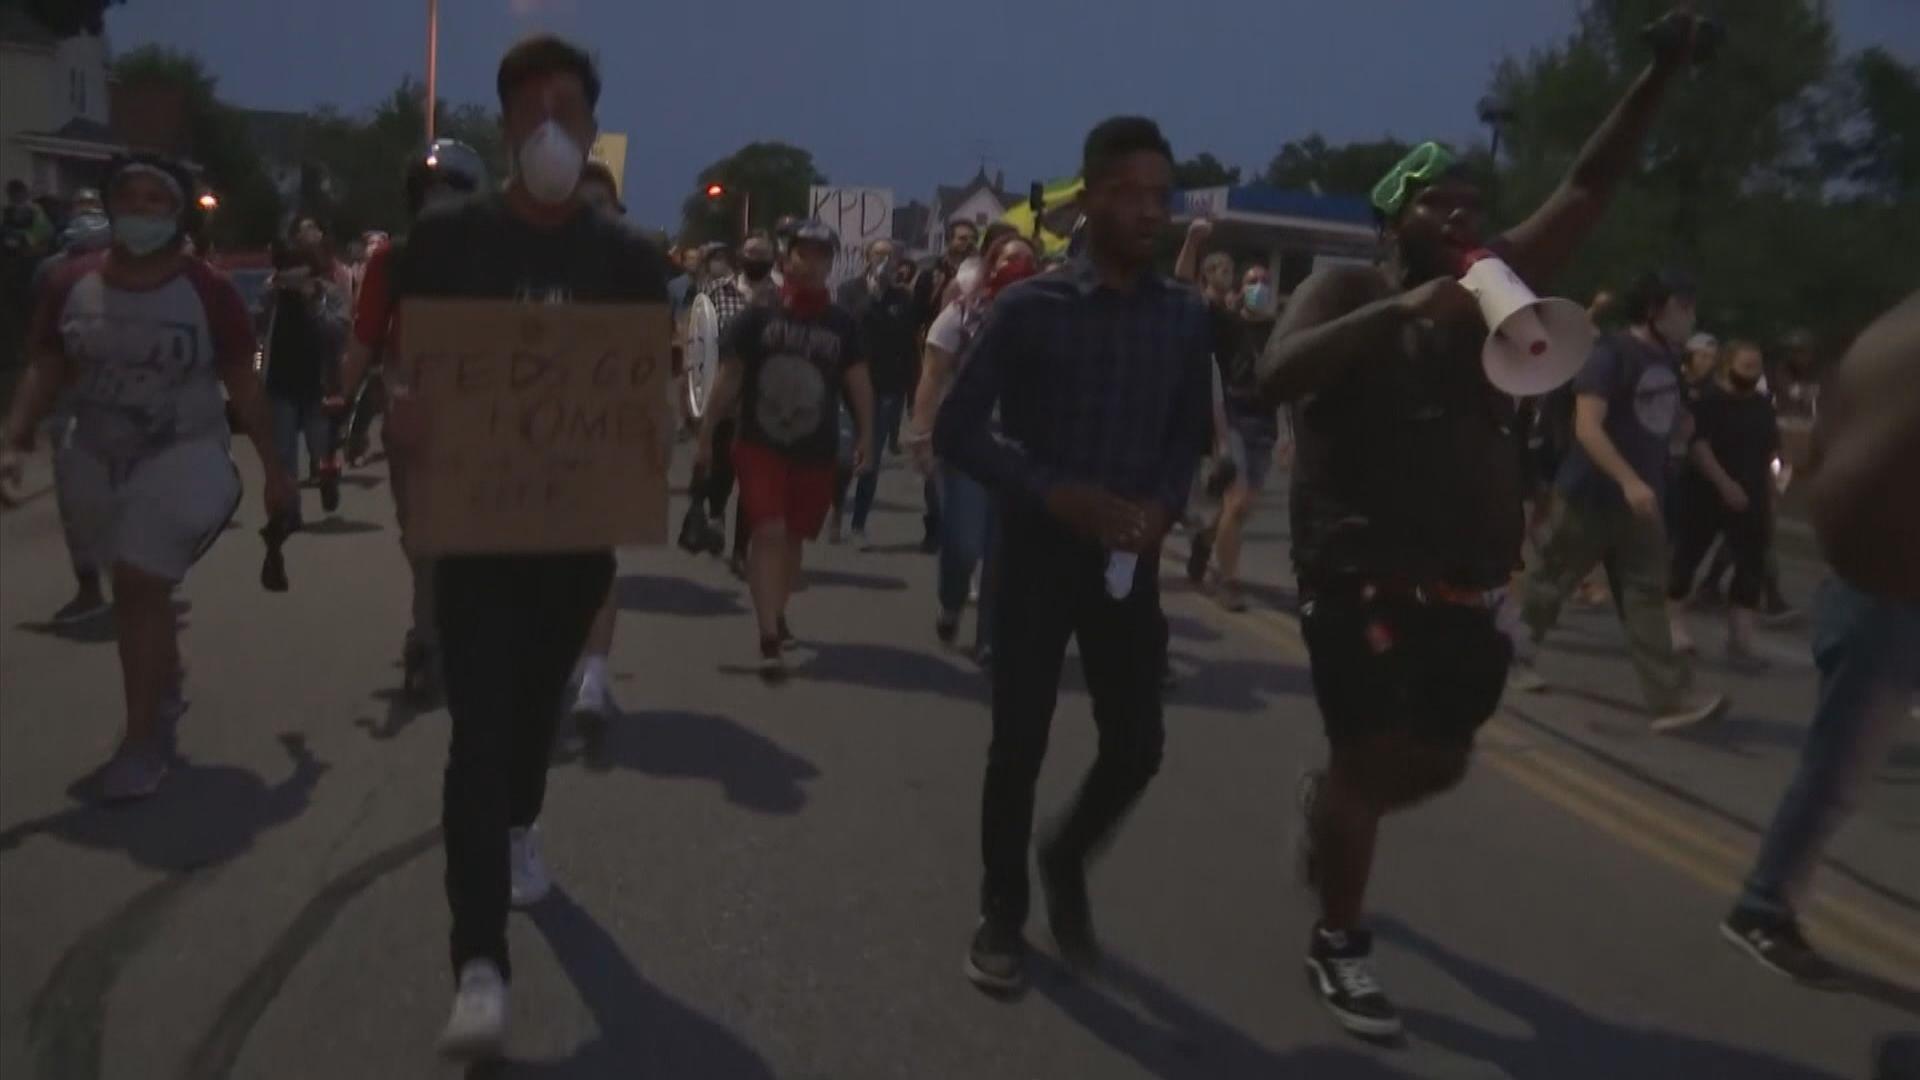 美基諾沙市示威持續 特朗普指會派聯邦執法人員到當地協助